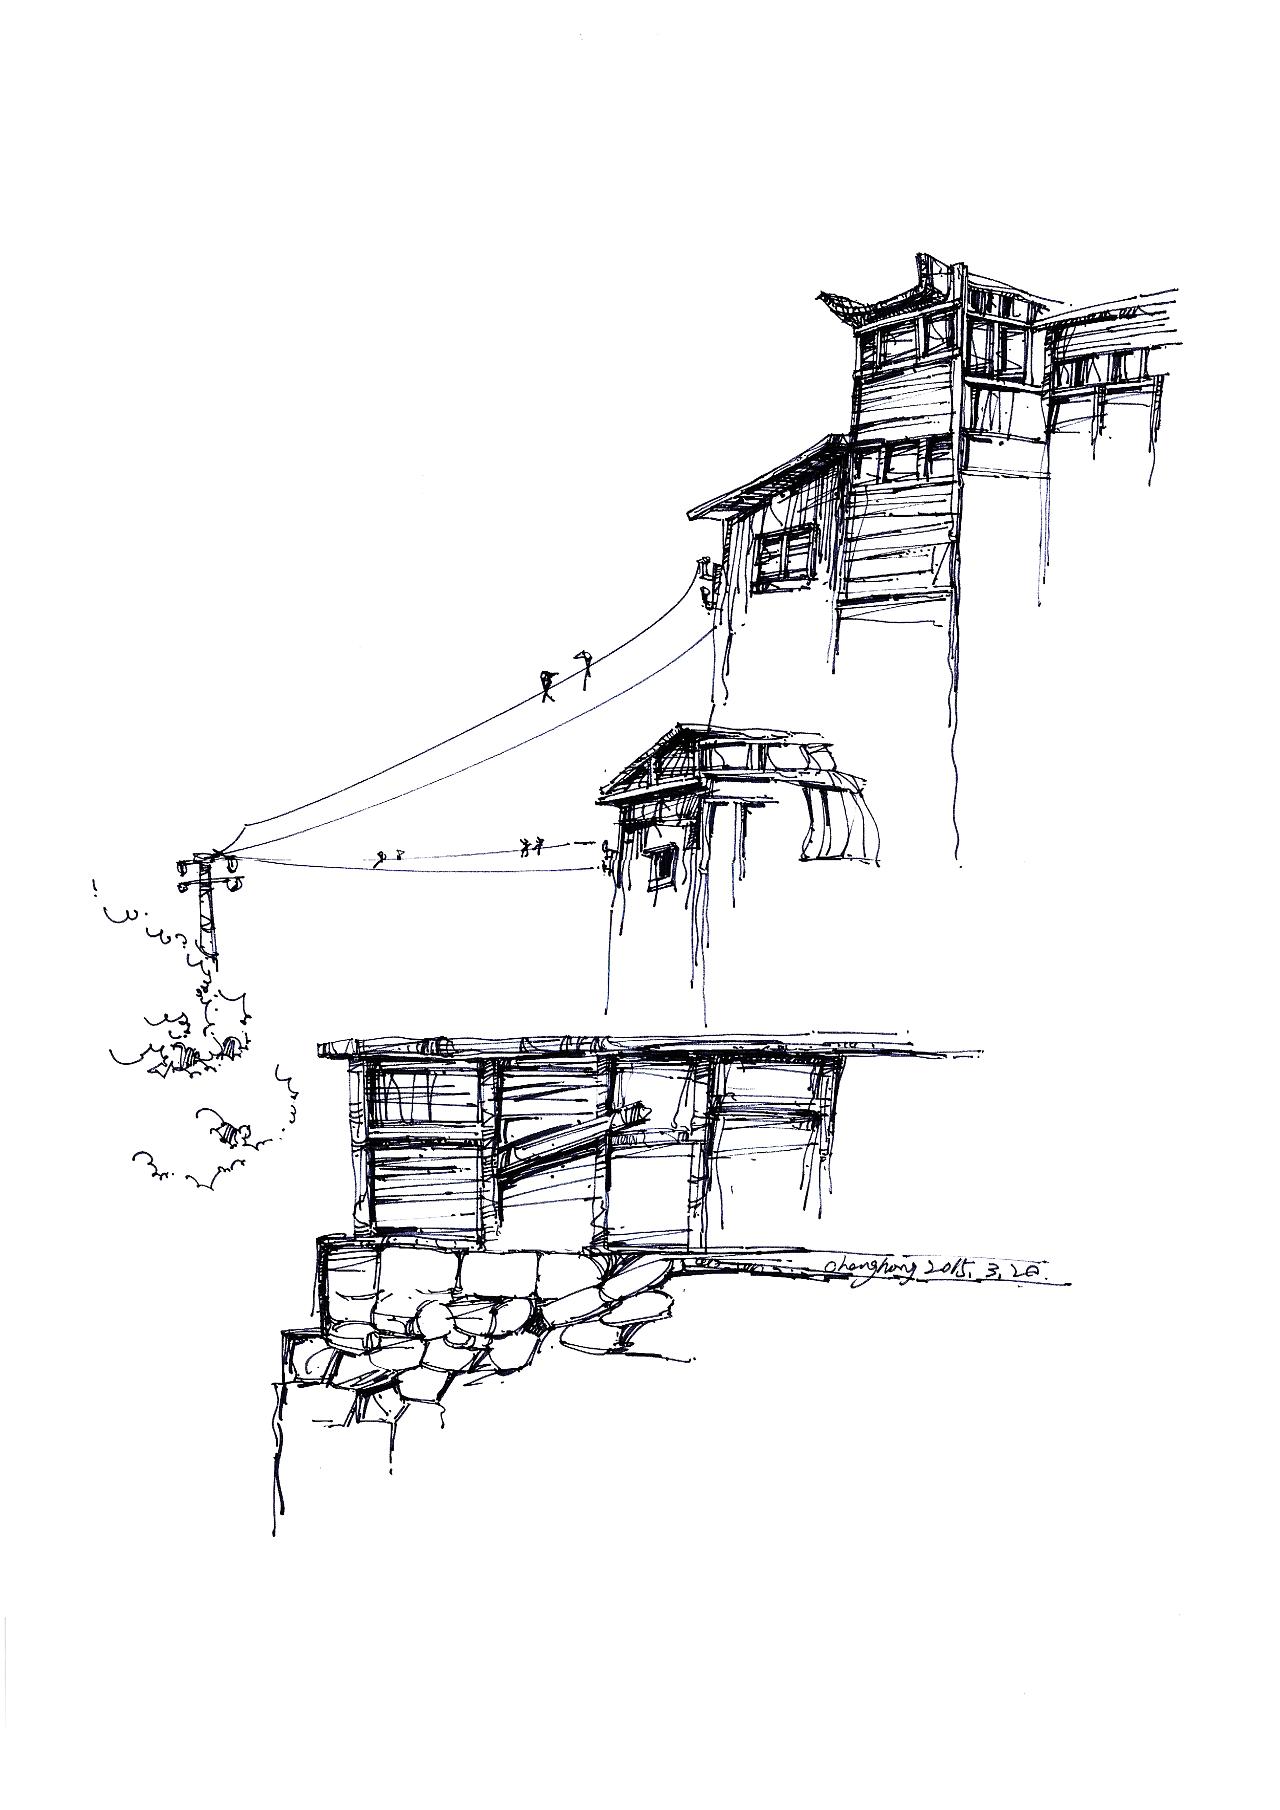 建筑手绘 纯艺术 钢笔画 大宏与小纯 - 原创作品